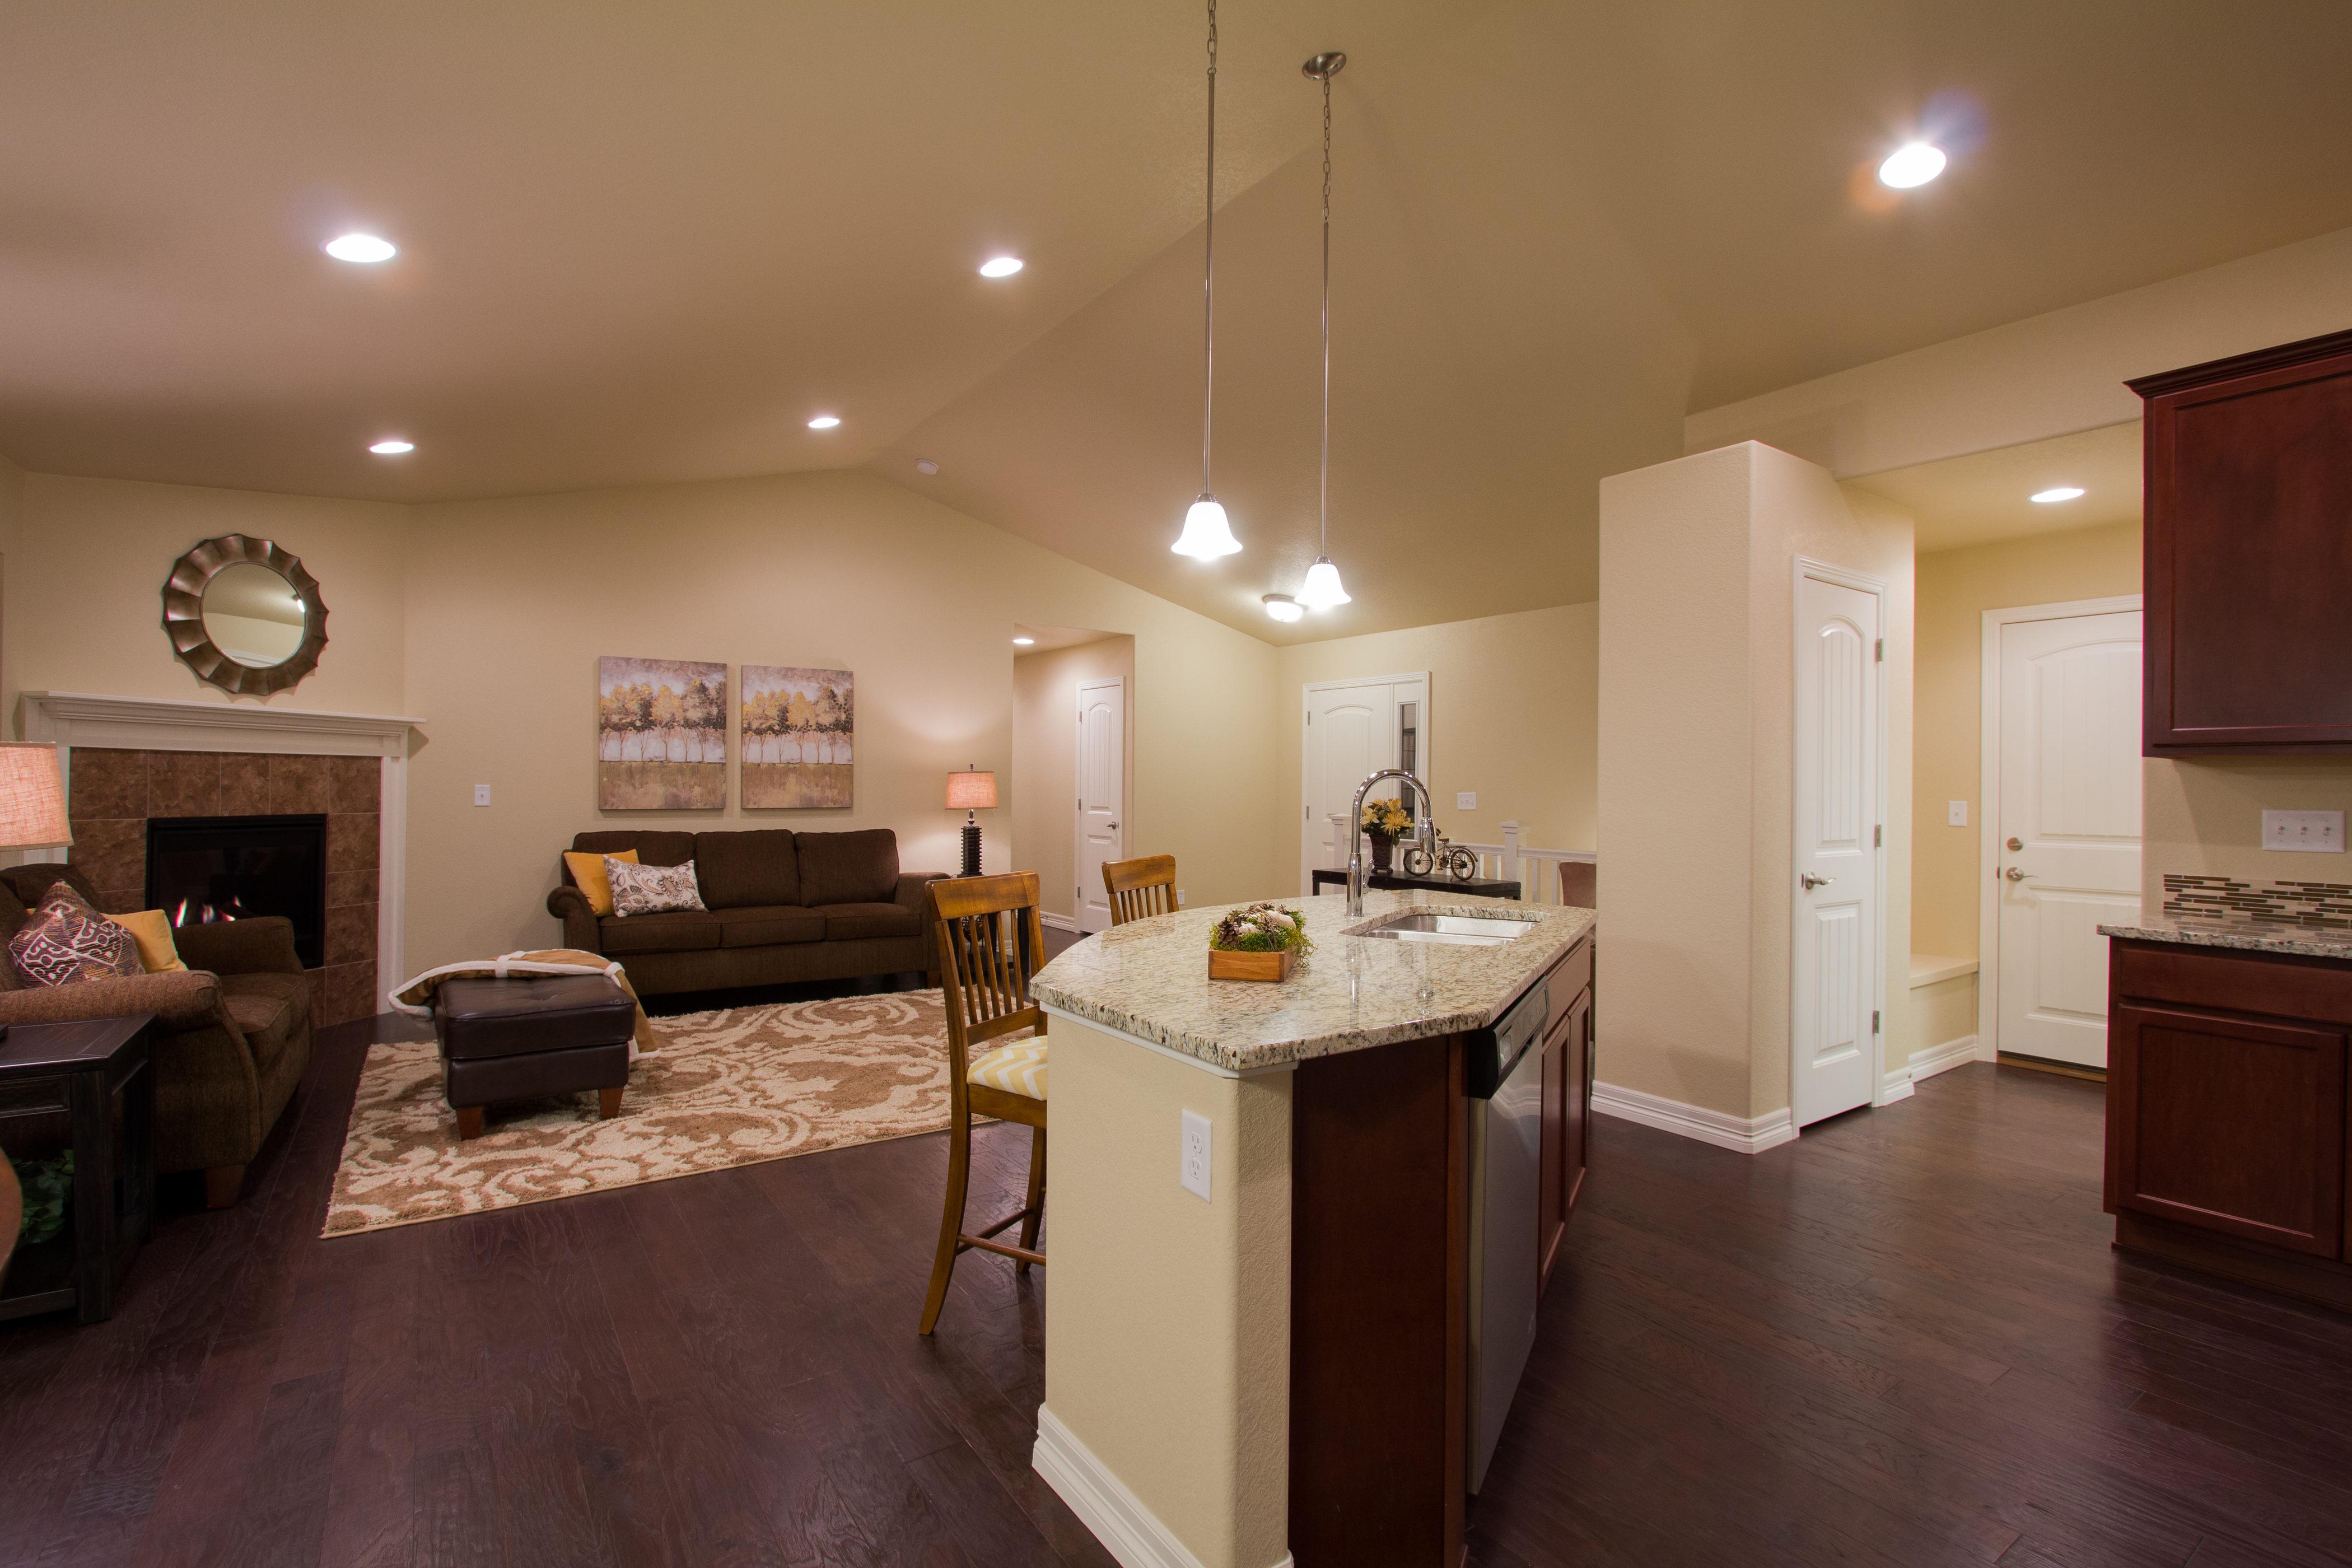 09-silverthorne-milliken-kitchen_great_room-new_home_builder